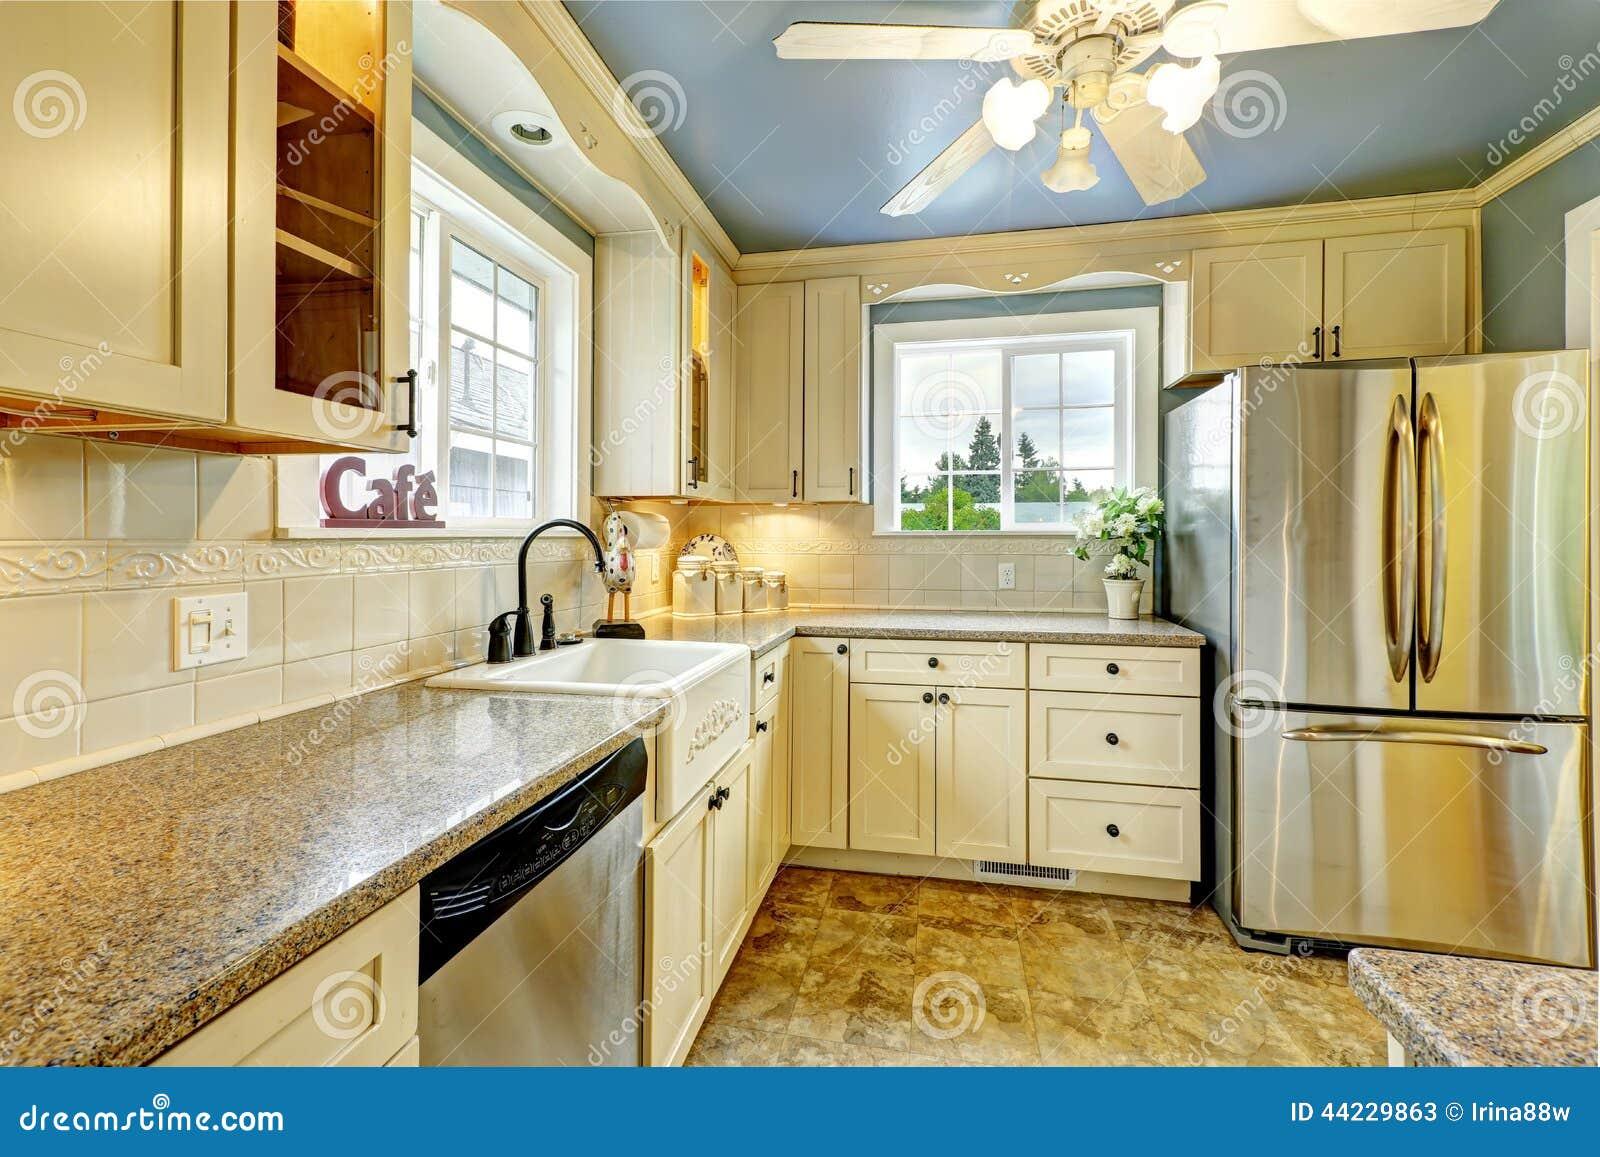 agrandir simplicit russie pour cette cuisine dune maison de pcheur ...